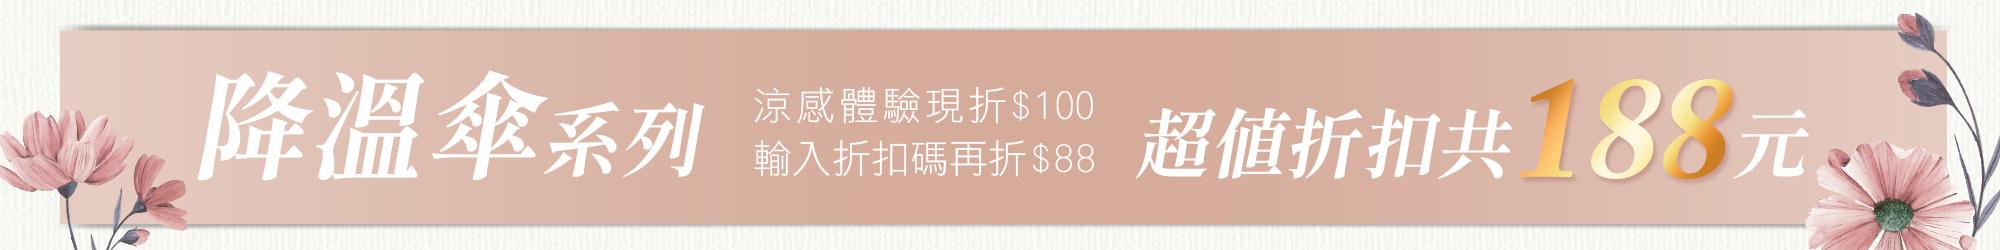 降溫傘,涼感體驗折$100,消費滿$500折$88